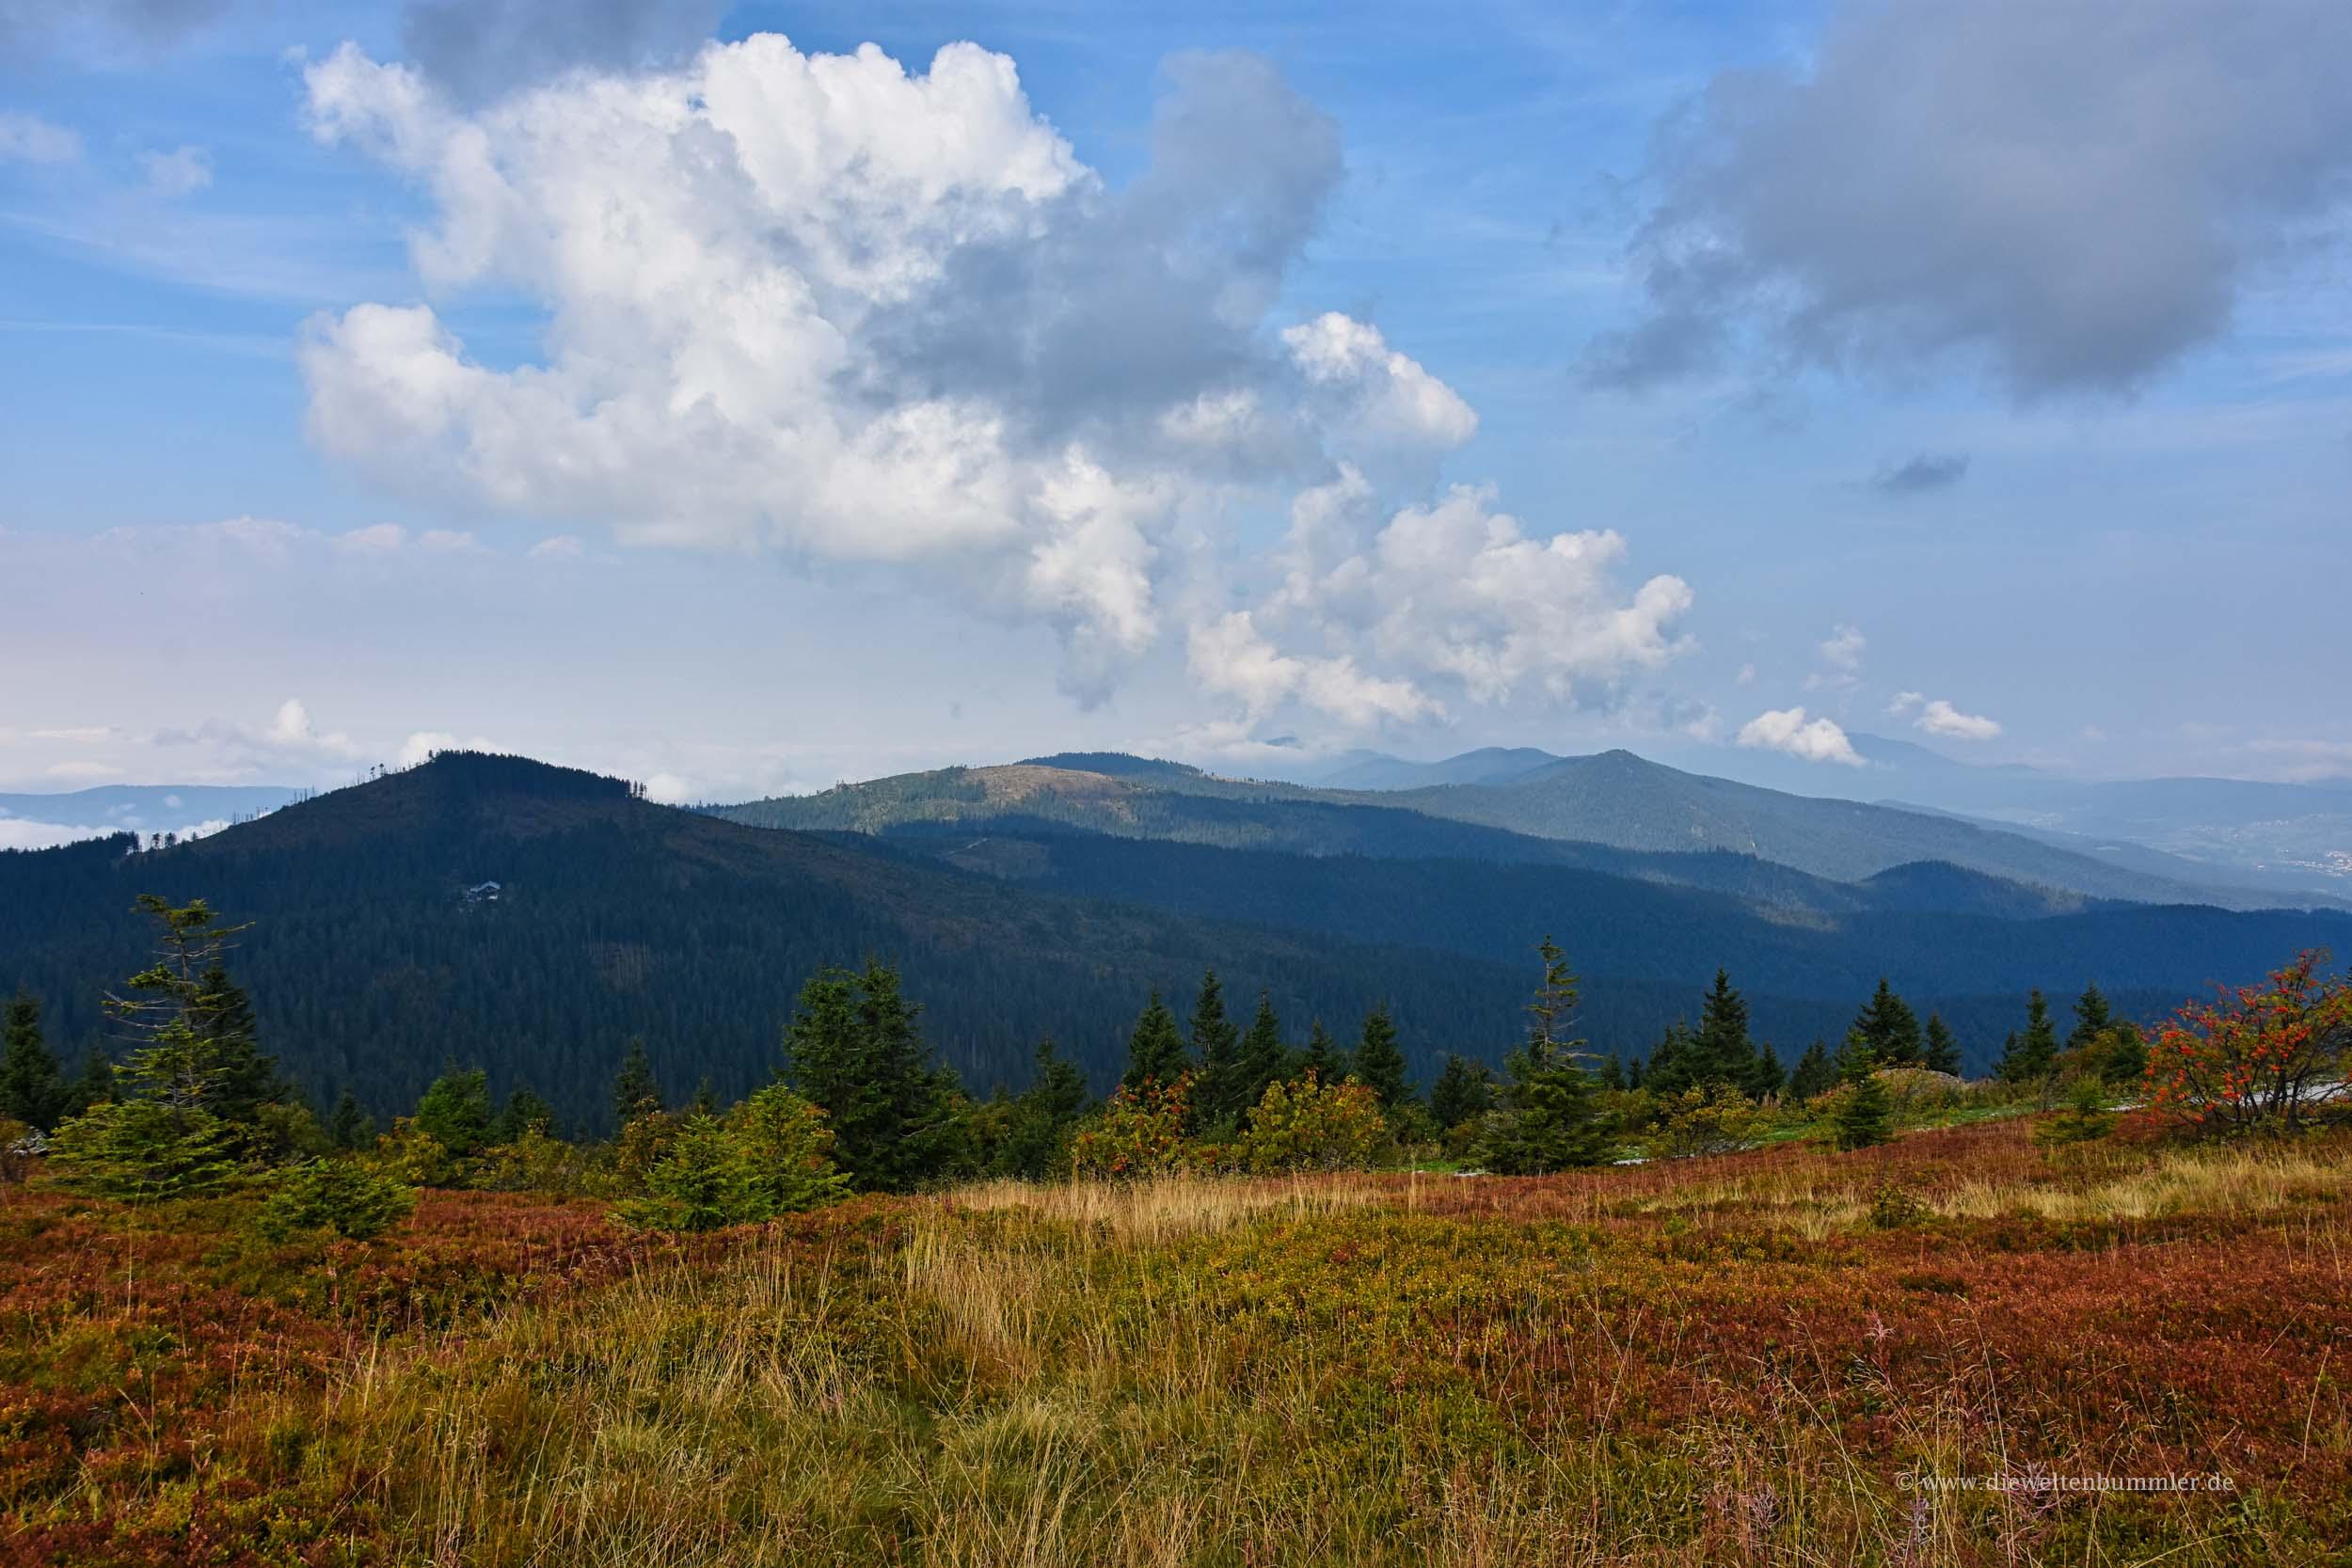 Gipfel im Bayerischen Wald